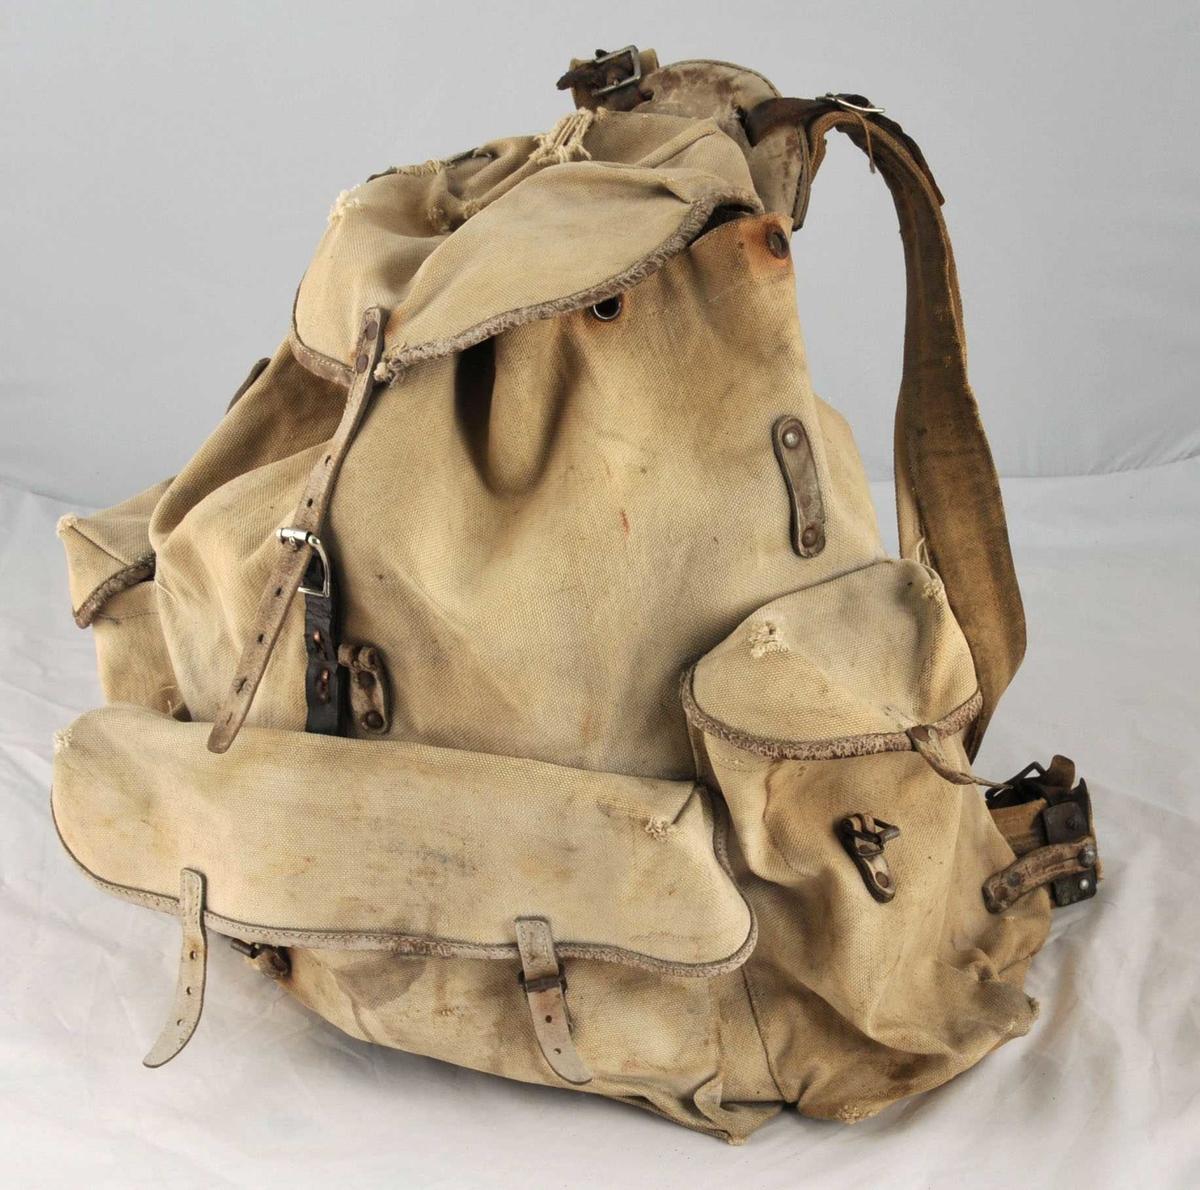 Ryggesekk i lereft. 3 lommer som er sydde til utsida. Bergans Meis modell. Svært slitt.